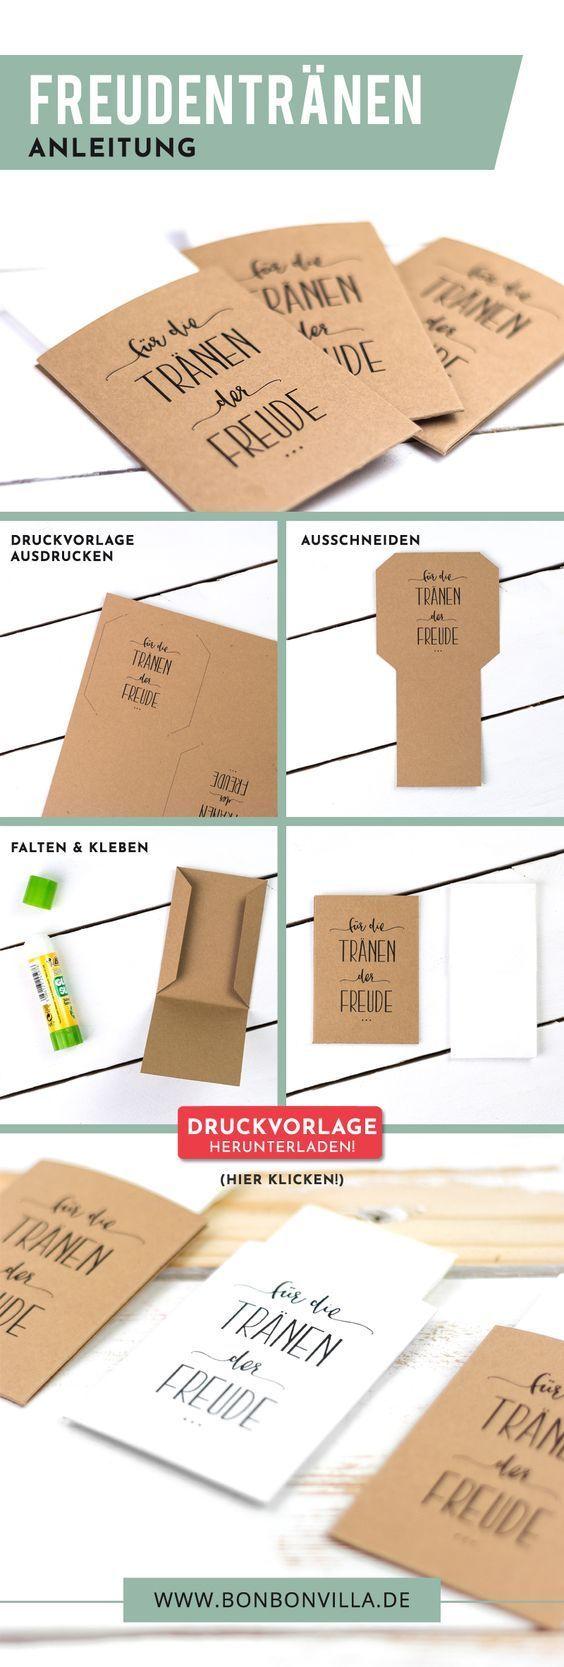 Ebook Taschentücher für die Freudentränen - Bonbon Villa #bastelnanleitung